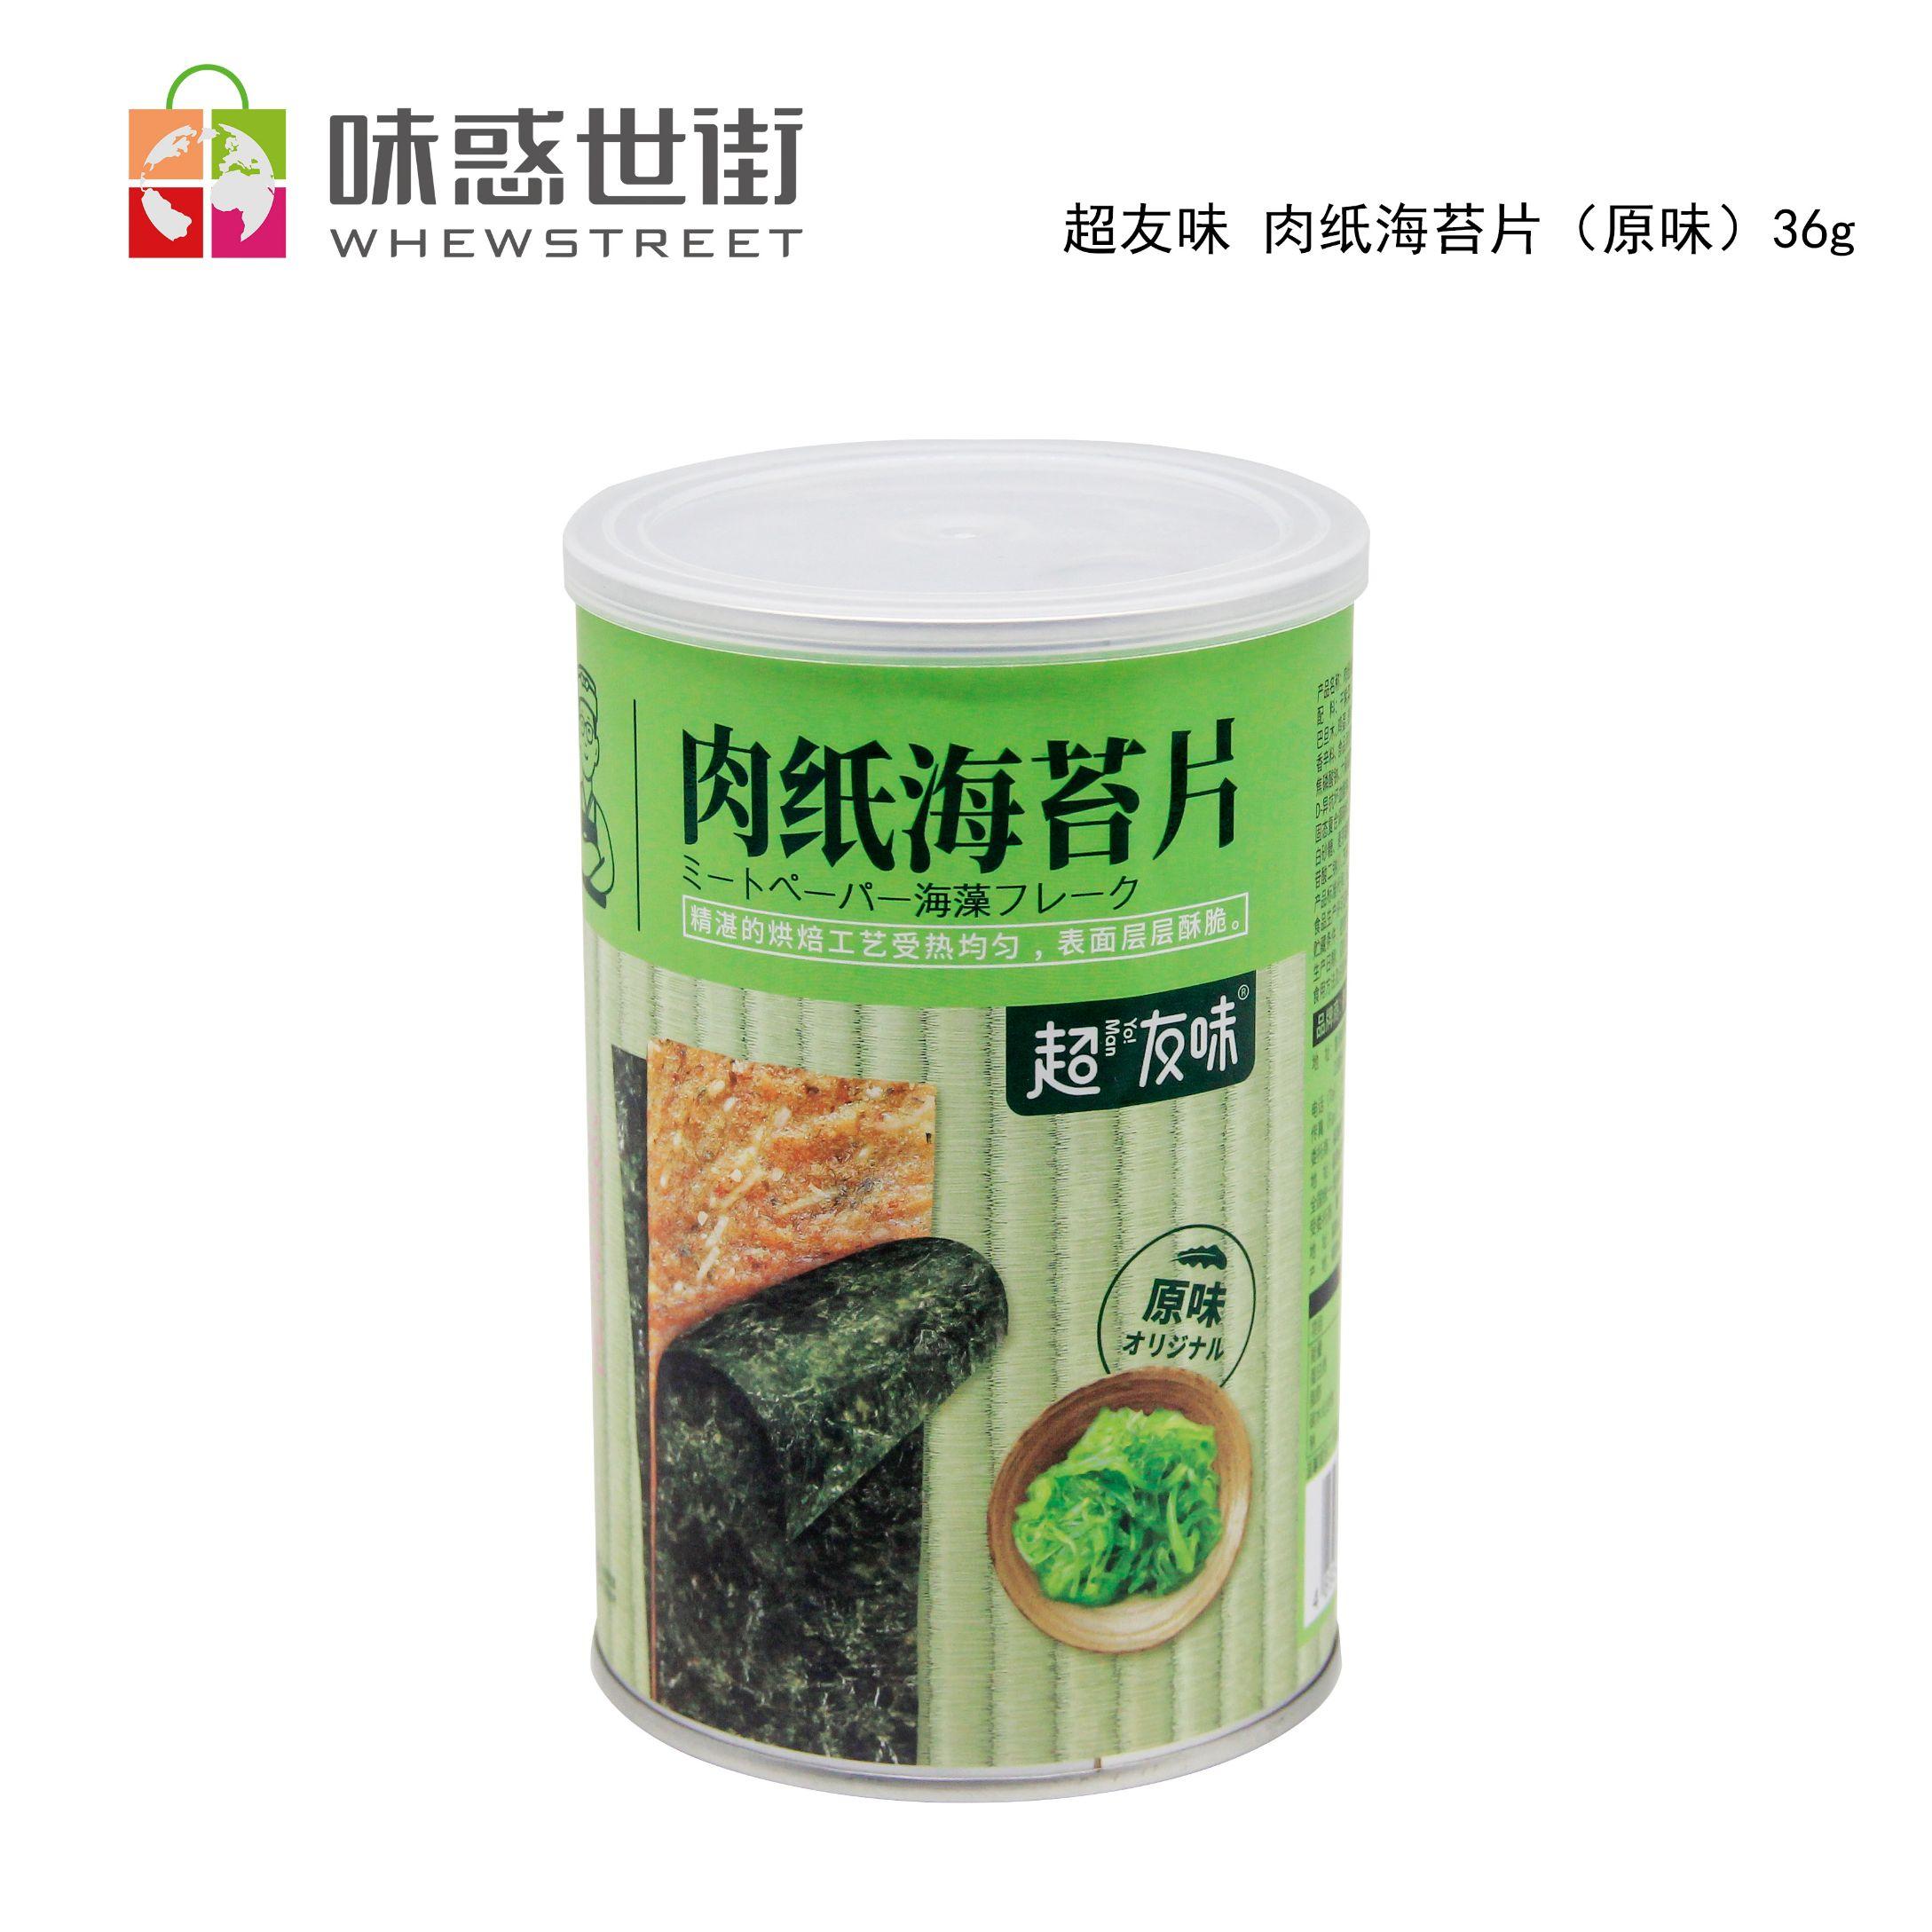 超友味 肉纸海苔片(原味)36g